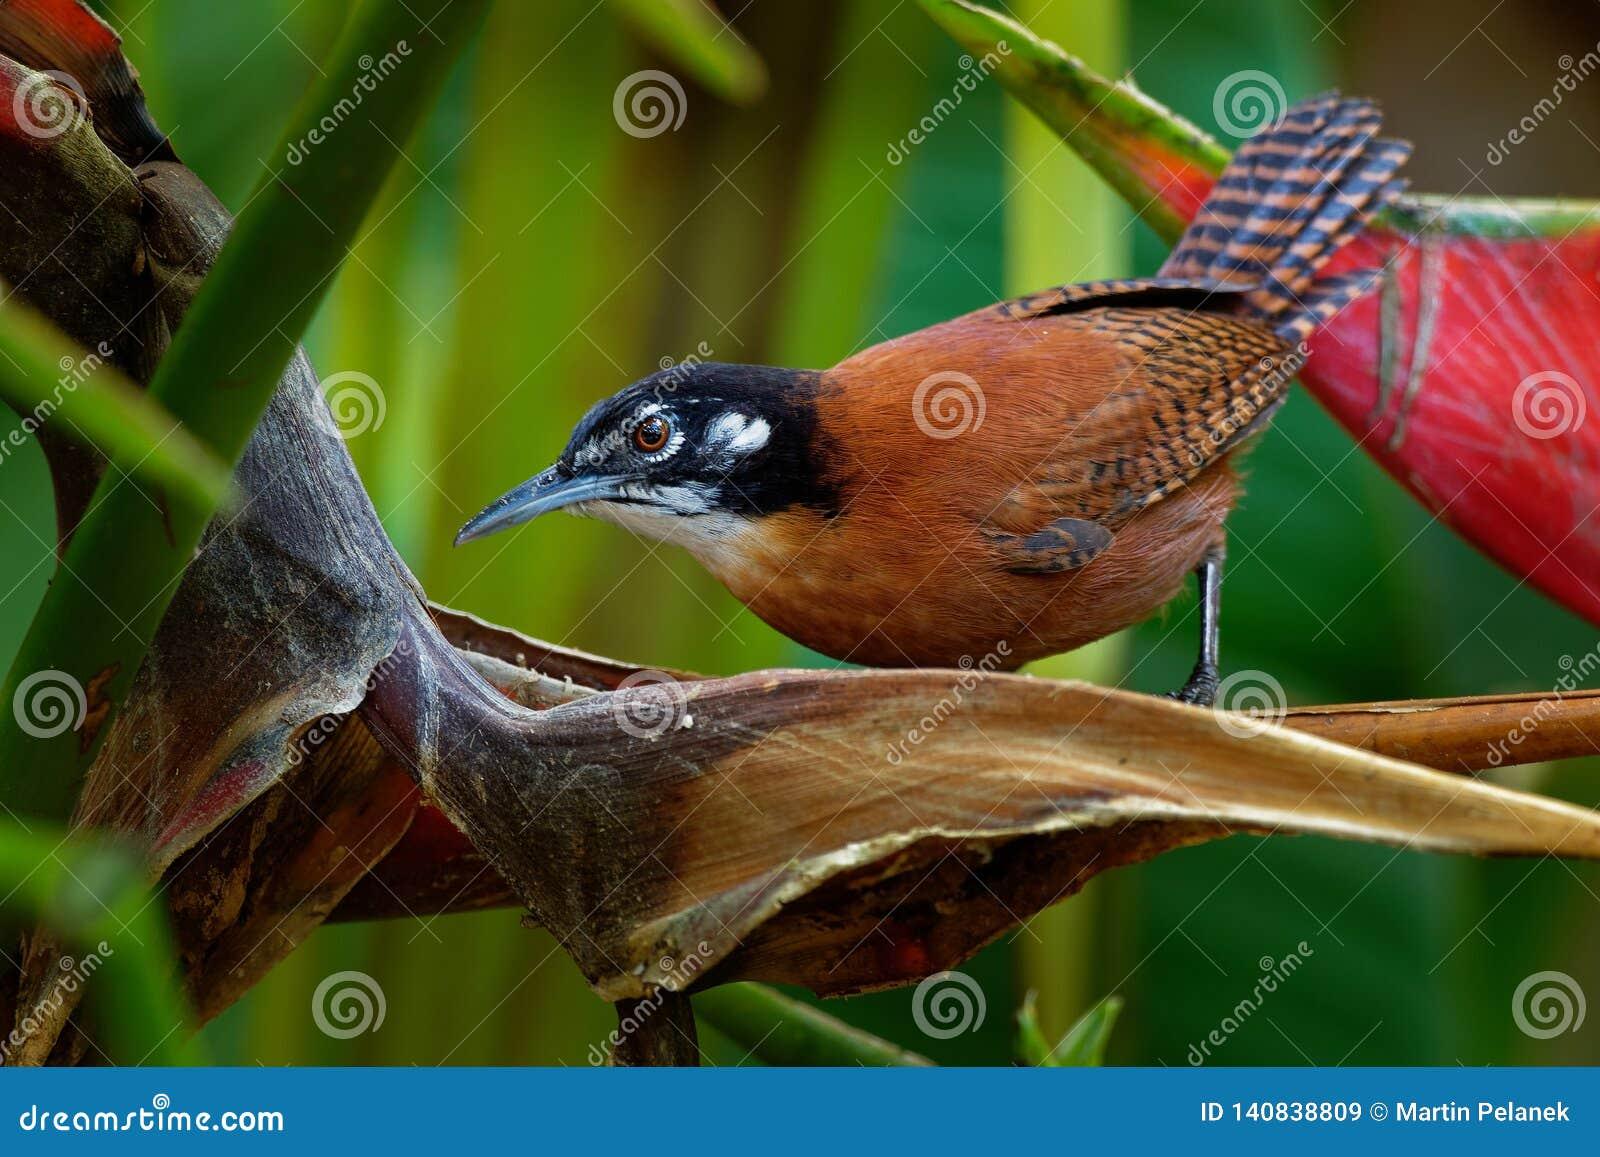 Roitelet de baie - le nigricapillus de Cantorchilus est des espèces fortement vocales d un roitelet des secteurs boisés, particul